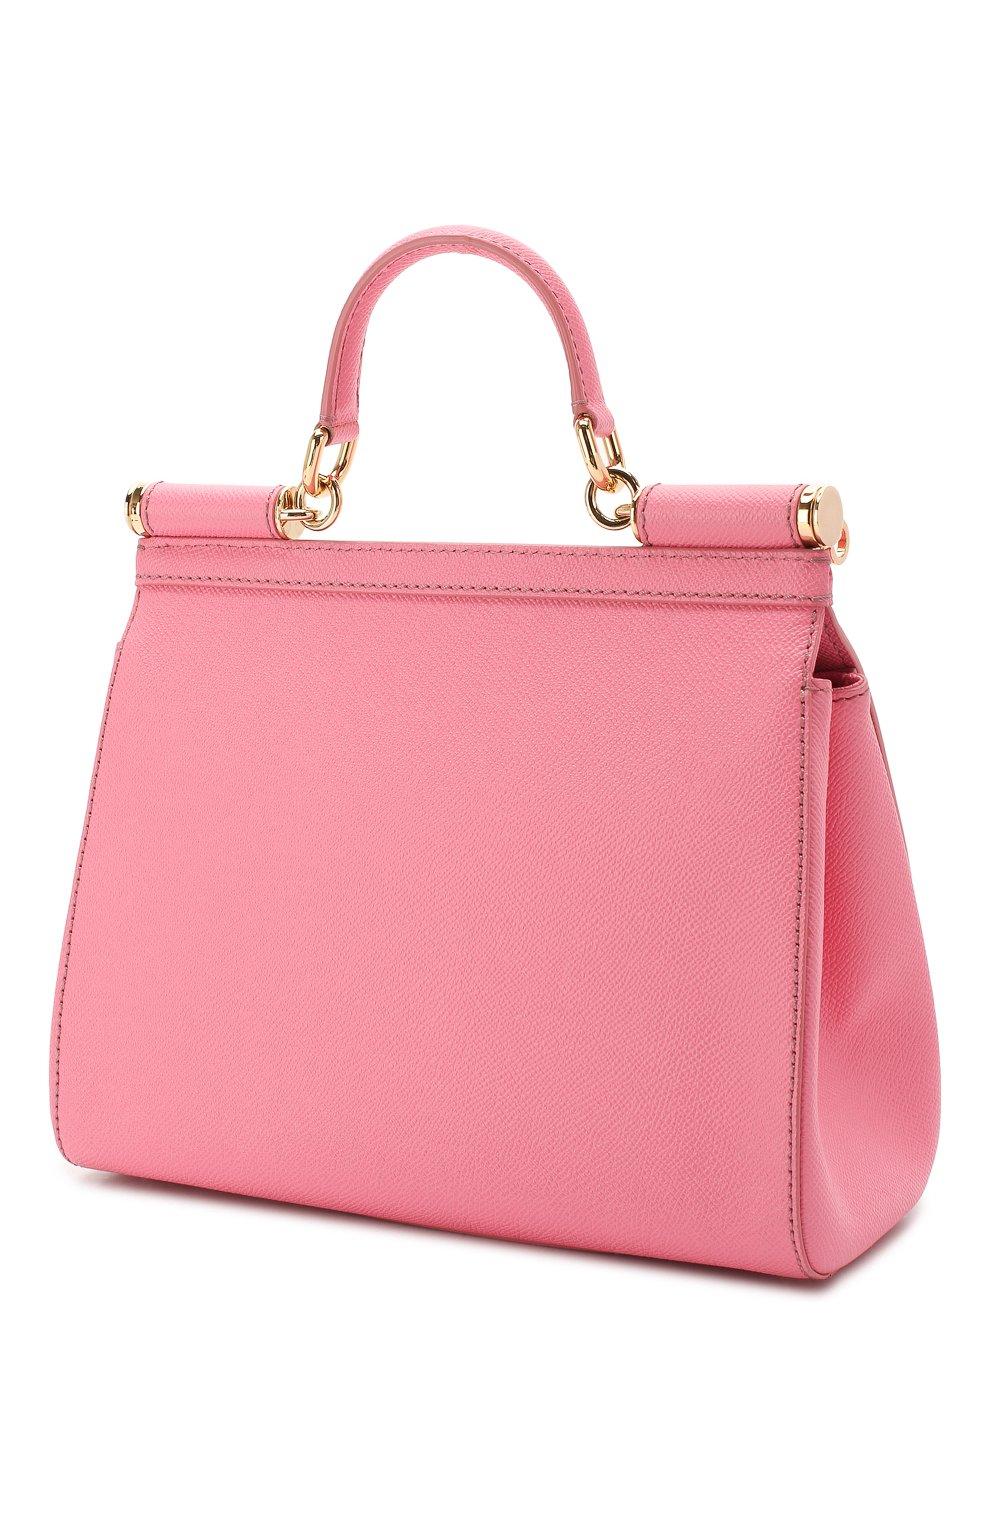 8b433bef8d3b Женская сумка sicily medium DOLCE & GABBANA розовая цвета — купить ...